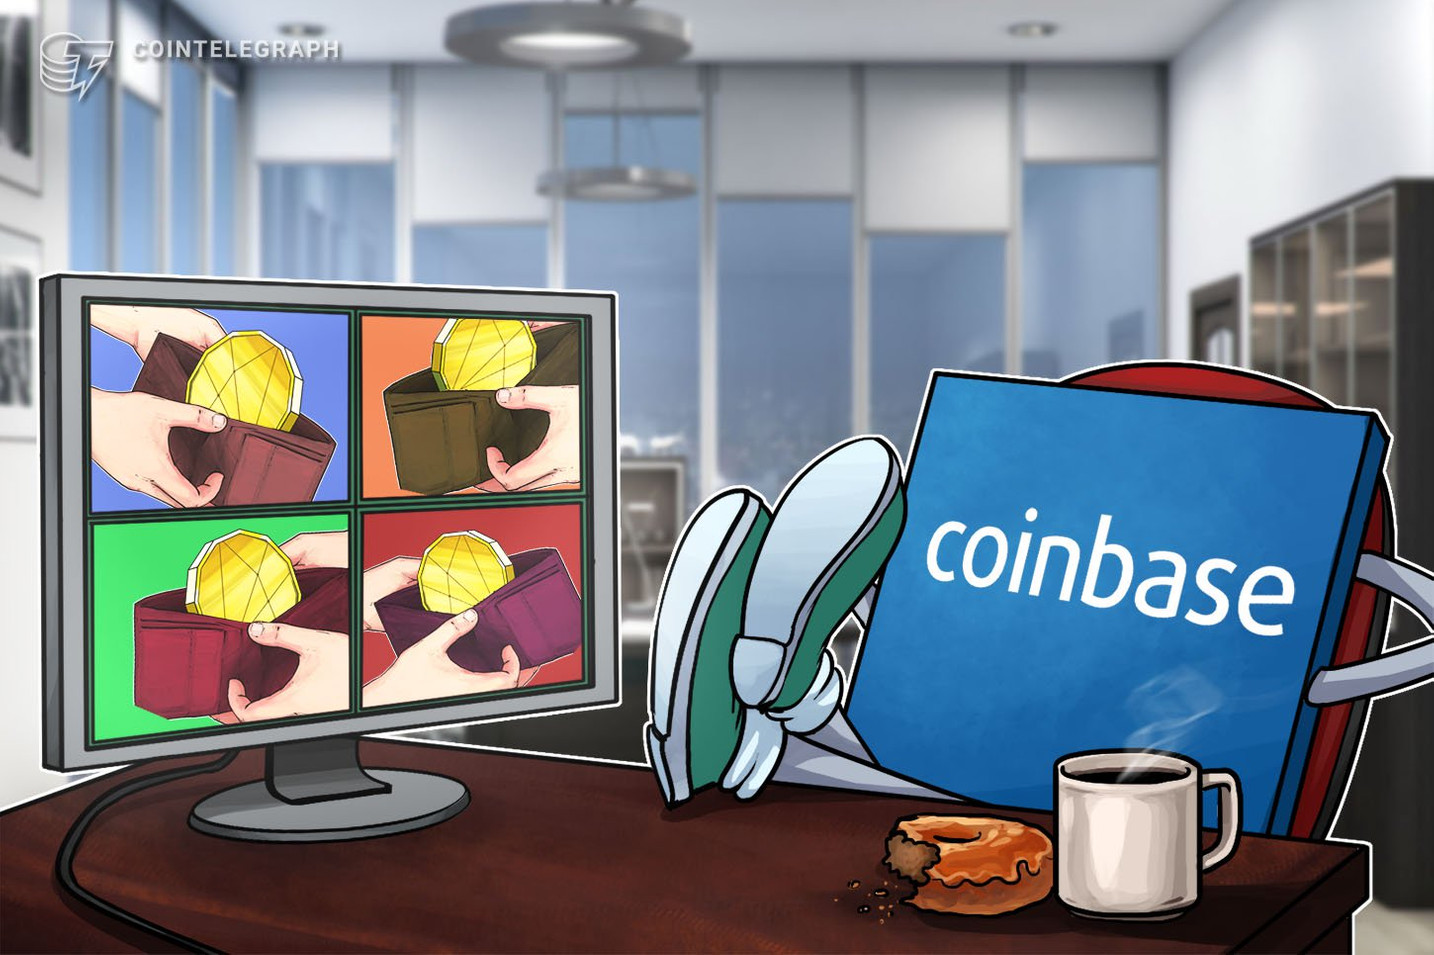 Coinbase introduce conversiones de activos digitales en EE.UU.